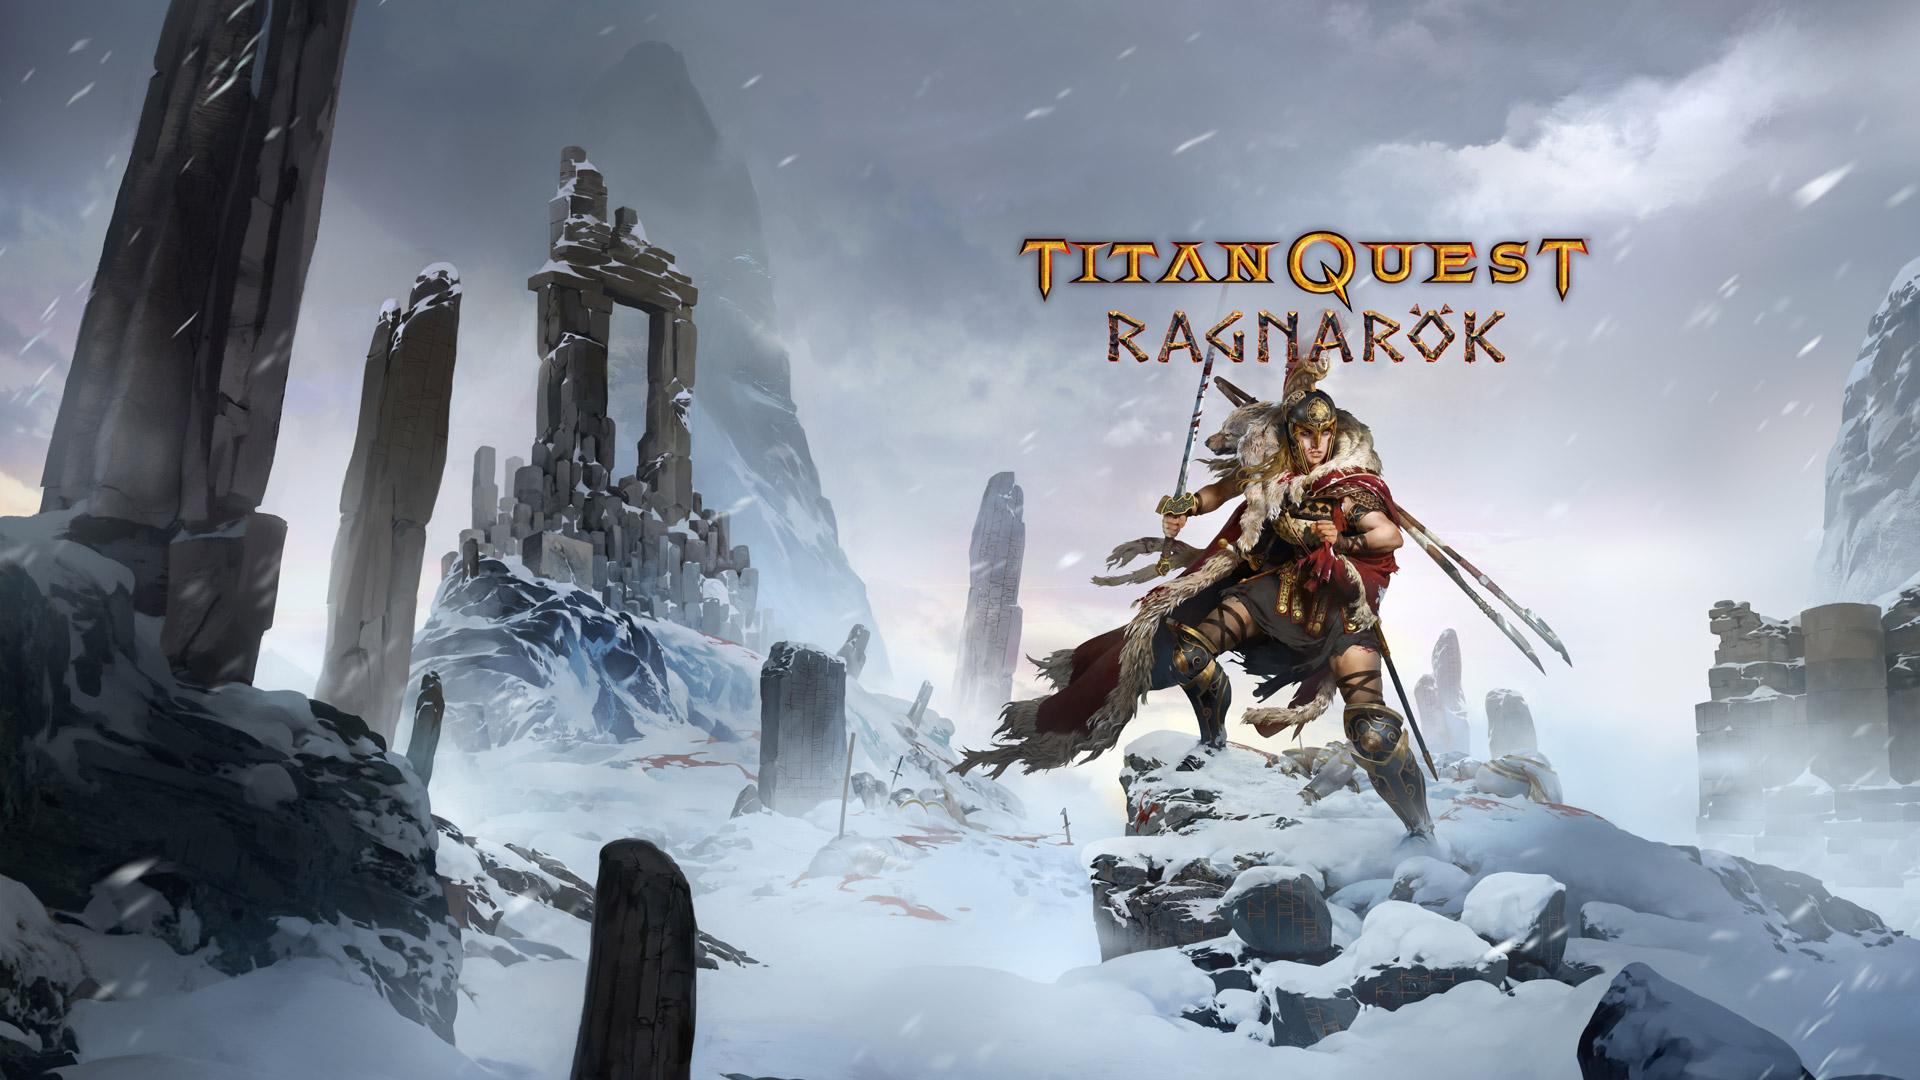 Free Titan Quest Wallpaper in 1920x1080